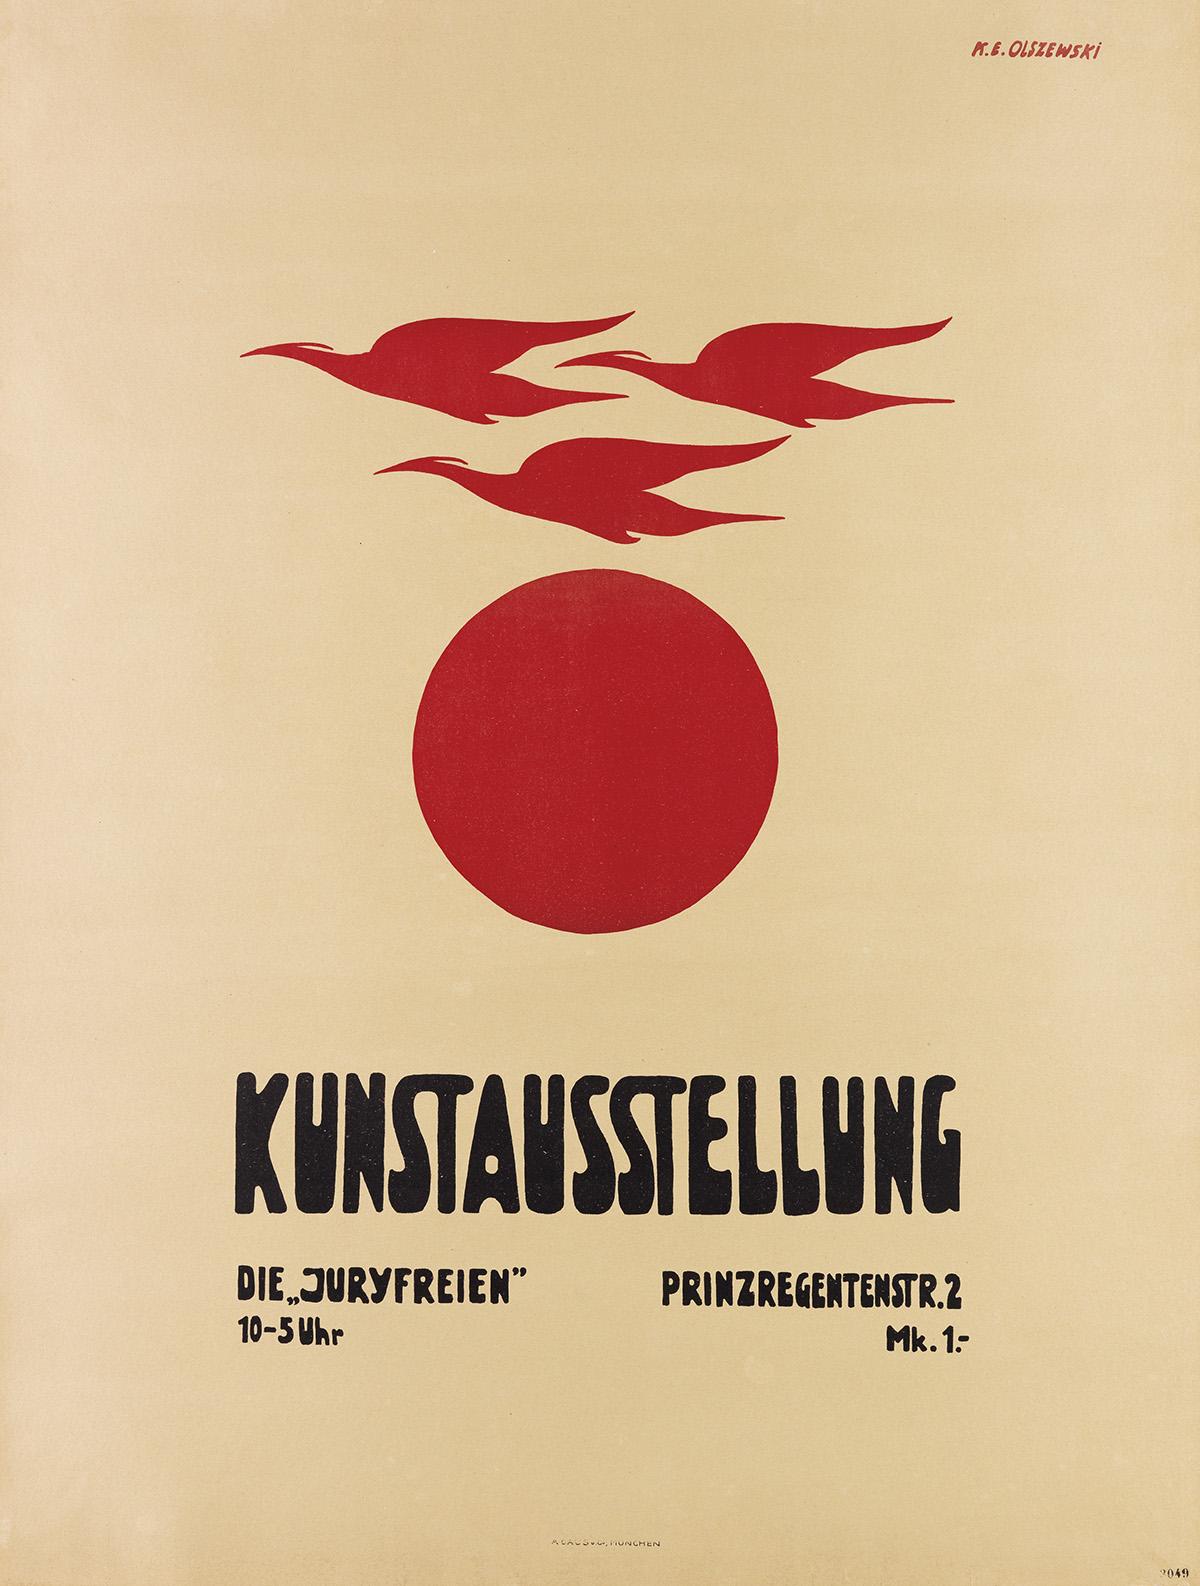 KARL EWALD OLSZEWSKI (1884-1965). KUNSTAUSSTELLUNG / DIE JURYFREIEN. 1927. 40x30 inches, 103x78 cm. A. Gaus, Munich.